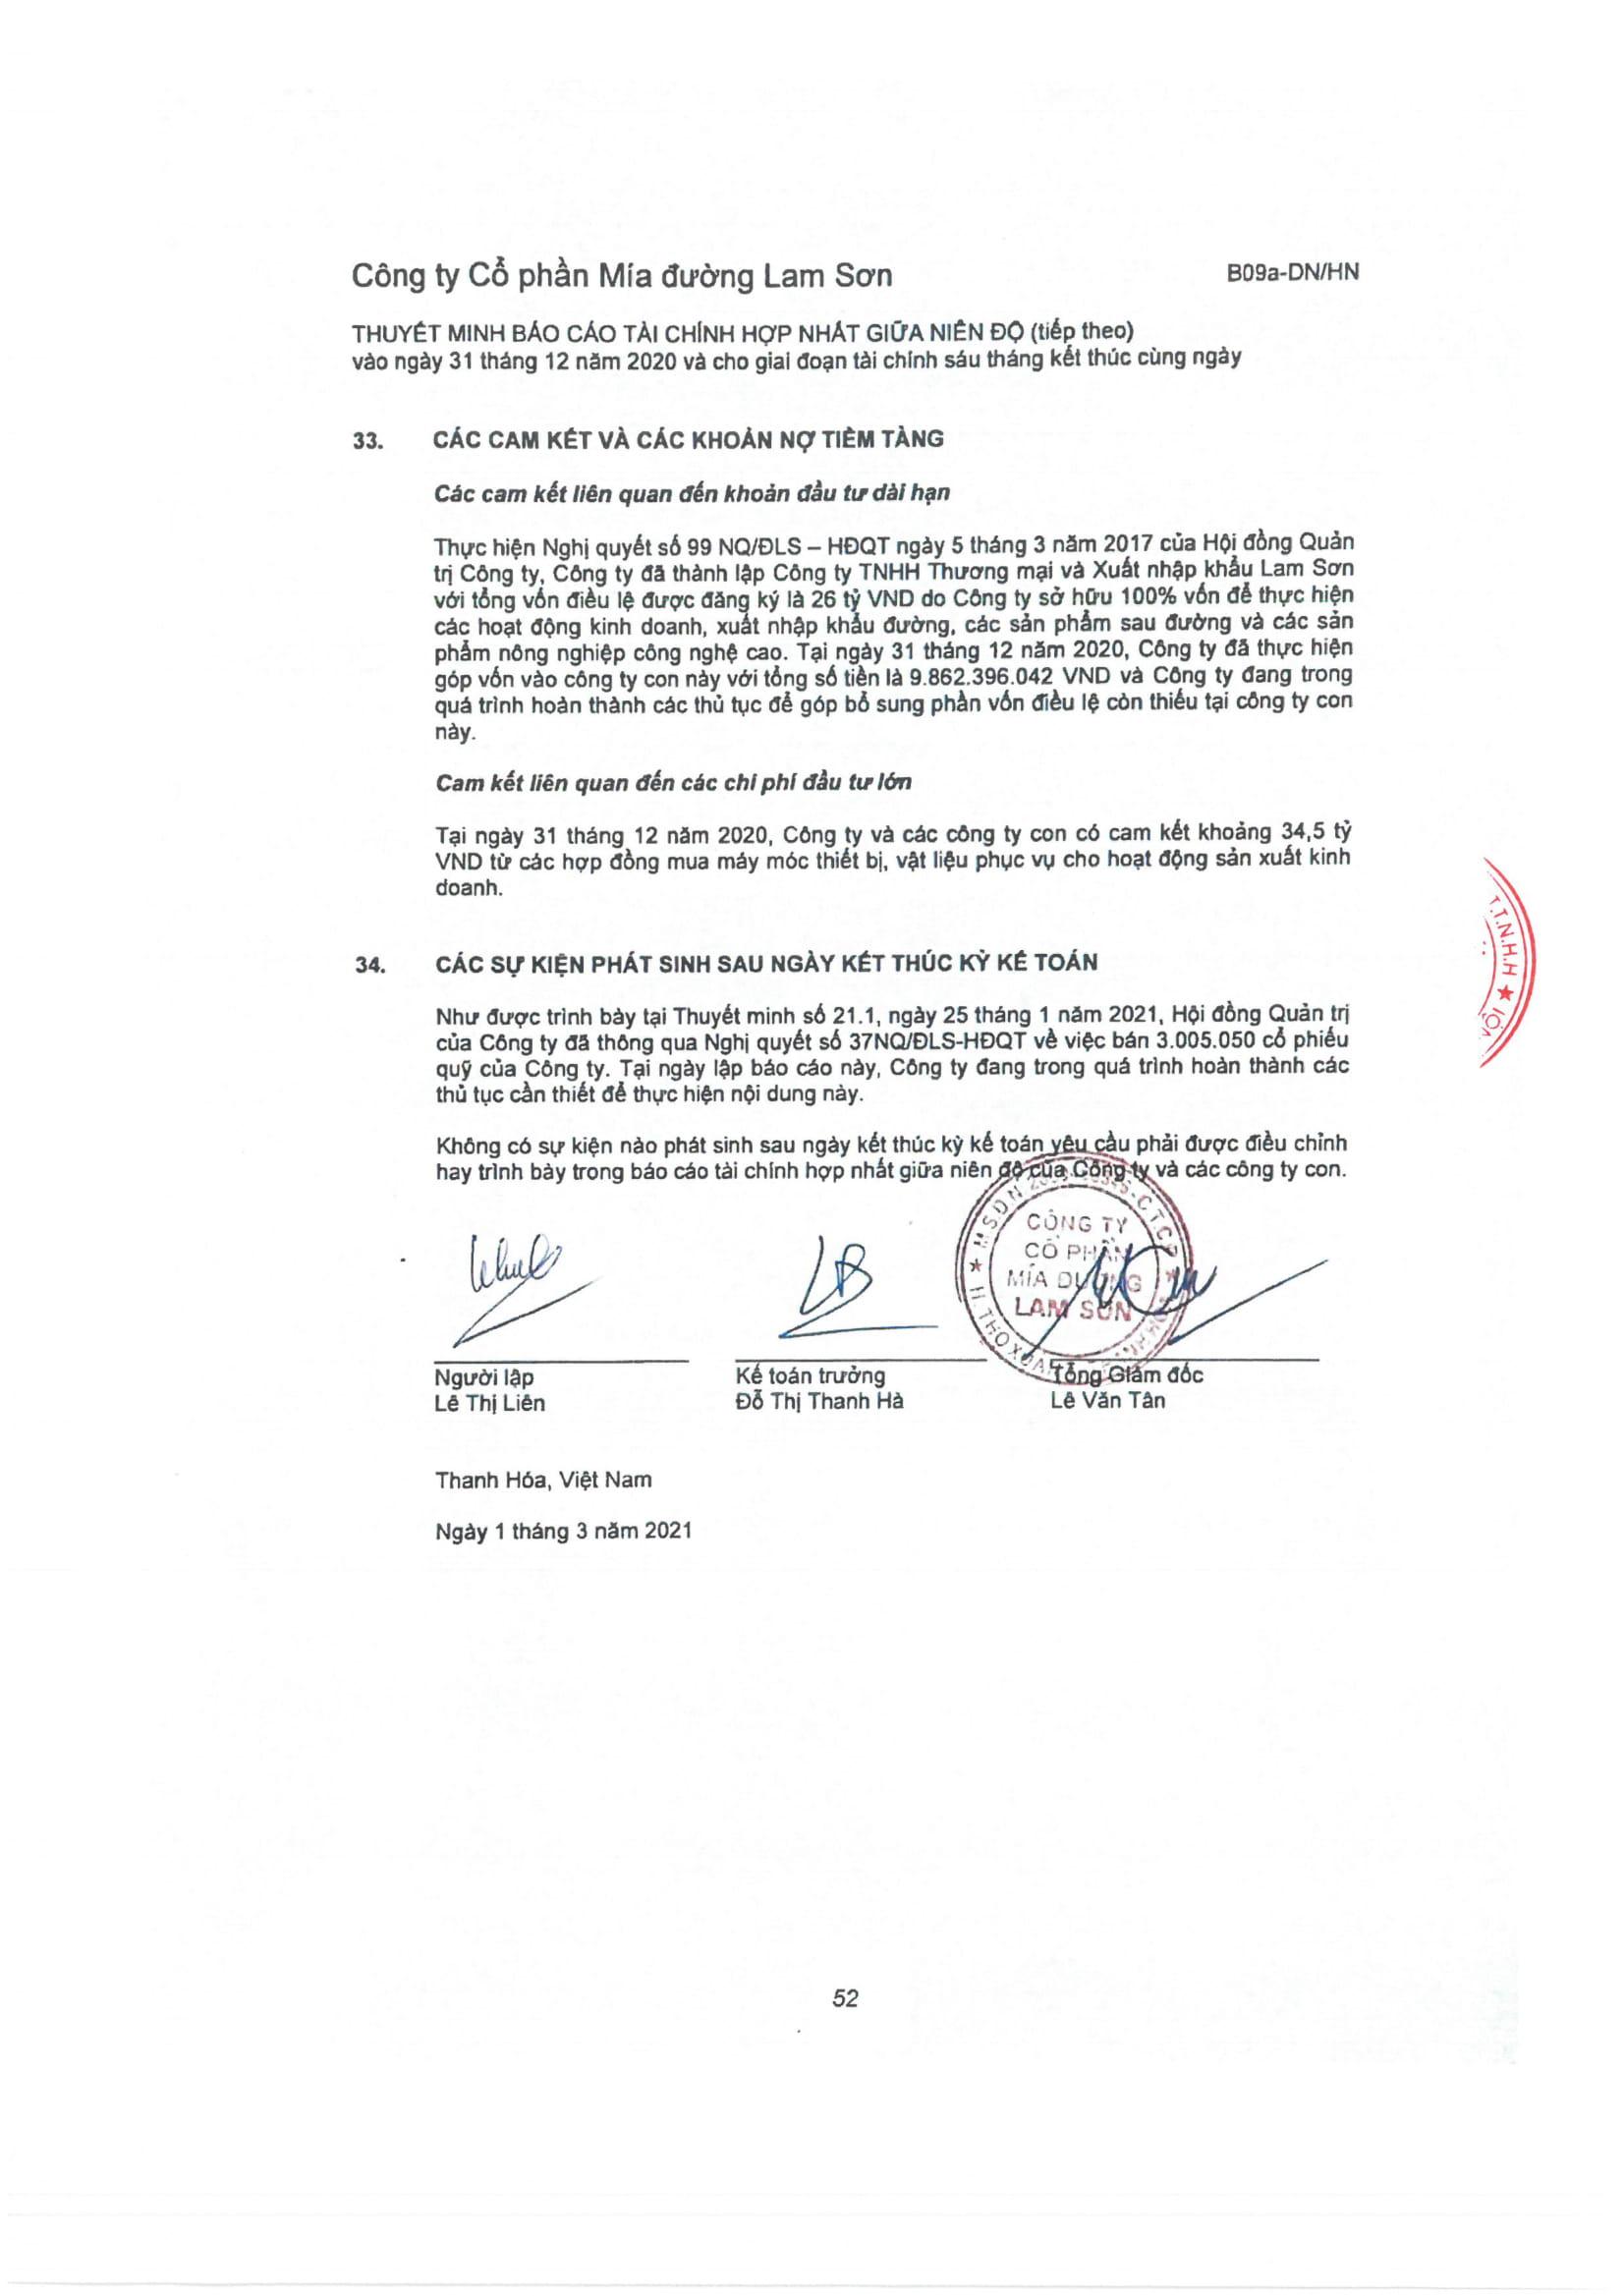 BCTC hợp nhất 31.12.2020-54